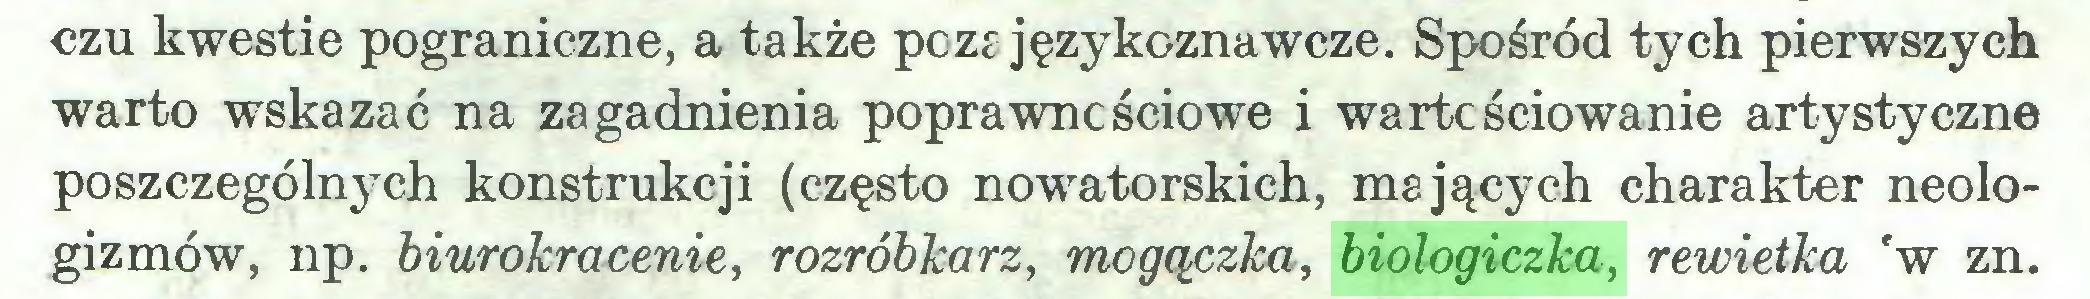 (...) czu kwestie pograniczne, a także pozf językoznawcze. Spośród tych pierwszych warto wskazać na zagadnienia poprawnościowe i wartościowanie artystyczne poszczególnych konstrukcji (często nowatorskich, mających charakter neologizmów, np. biurokracenie, rozróbkarz, mogączka, biologiczka, rewietka 'w zn...